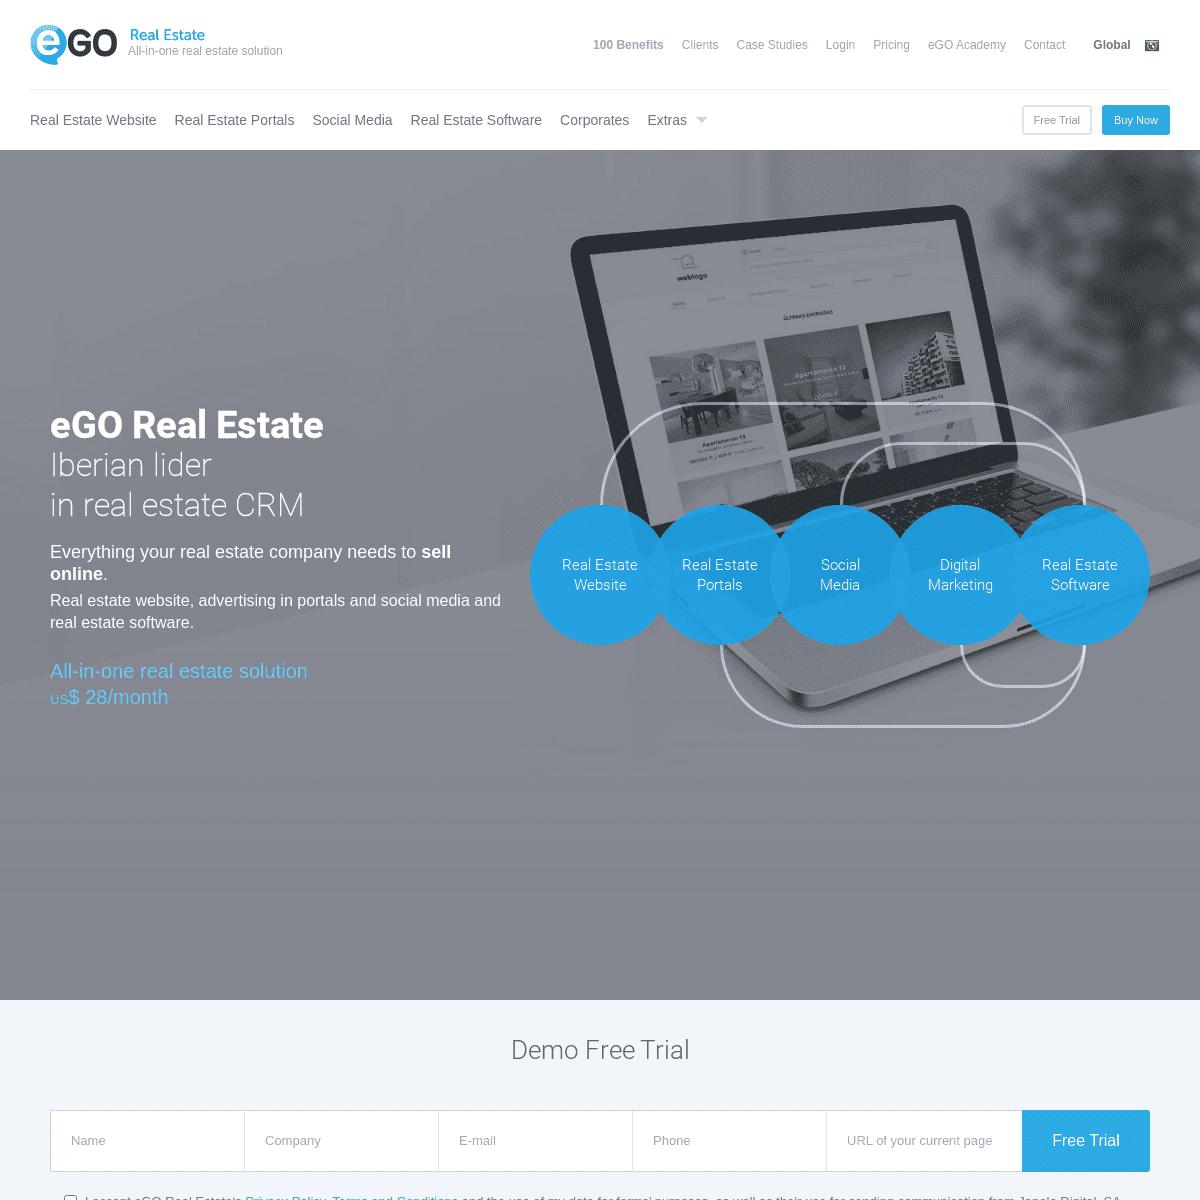 eGO Real Estate - Online Software and Real Estate Websites